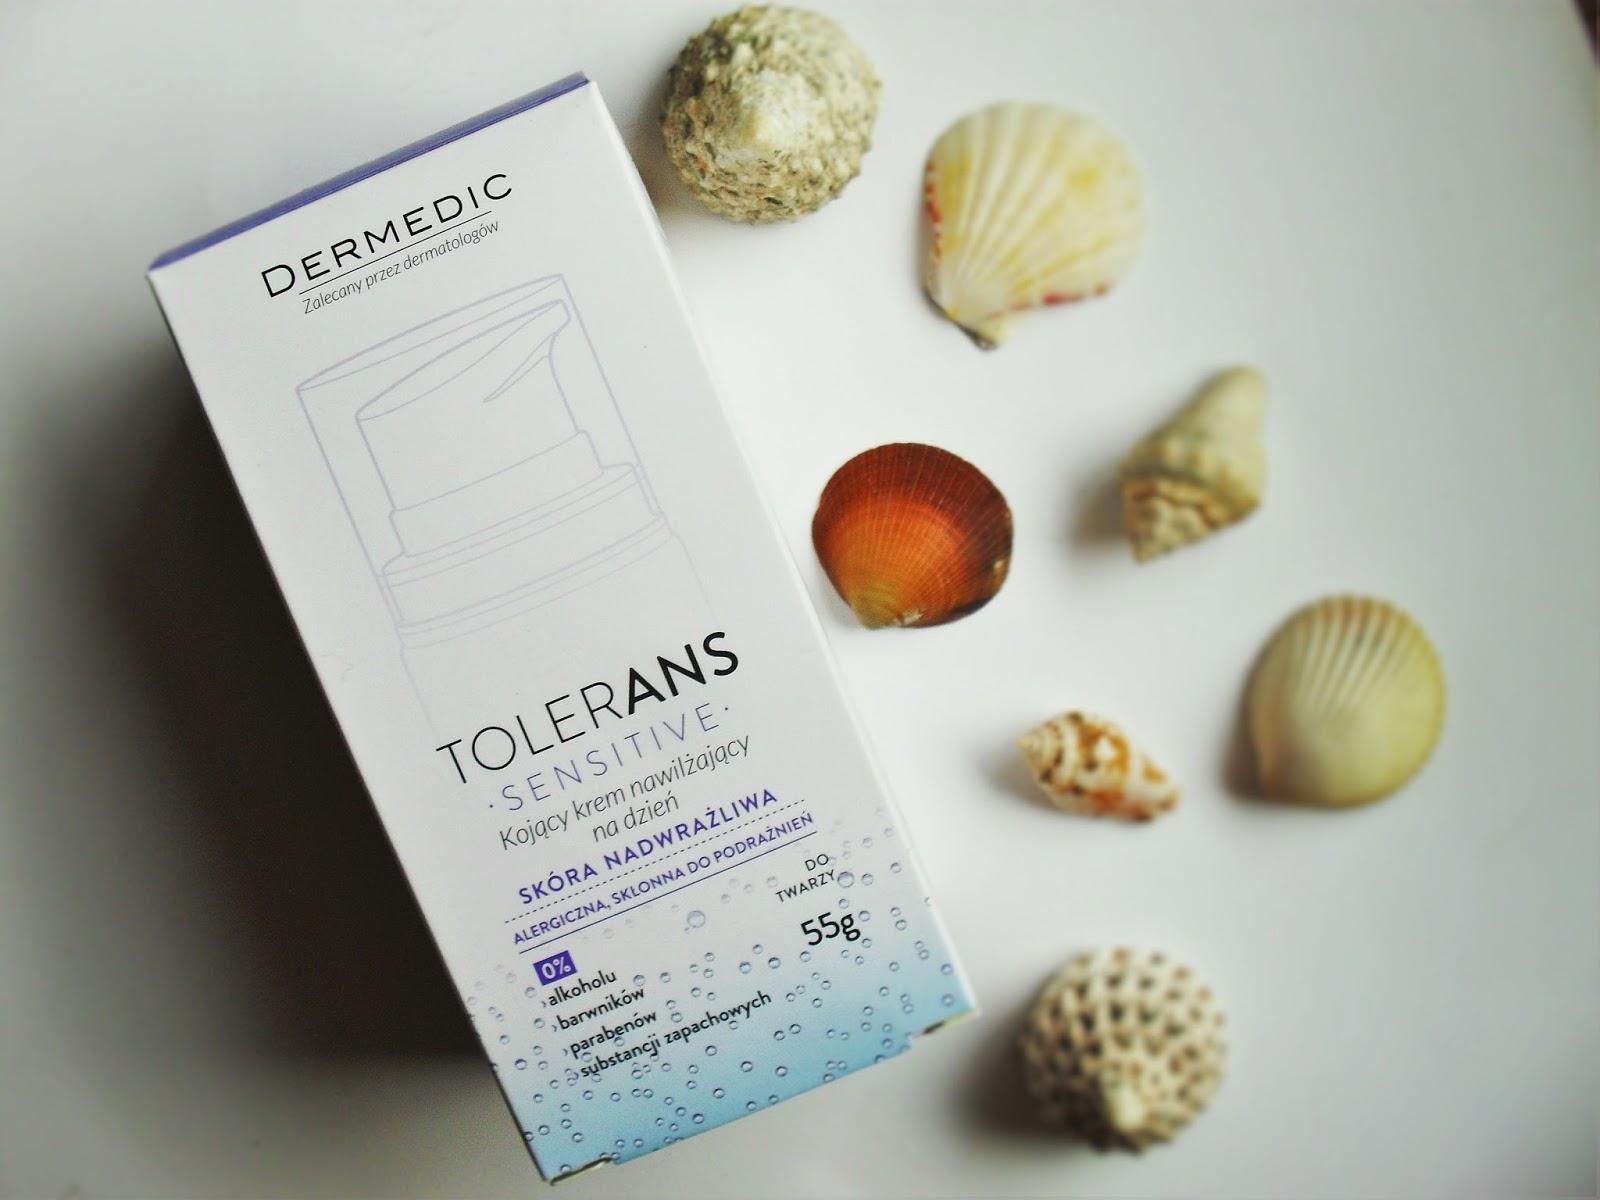 Хидратиране на кожата с Dermedic Tolerans